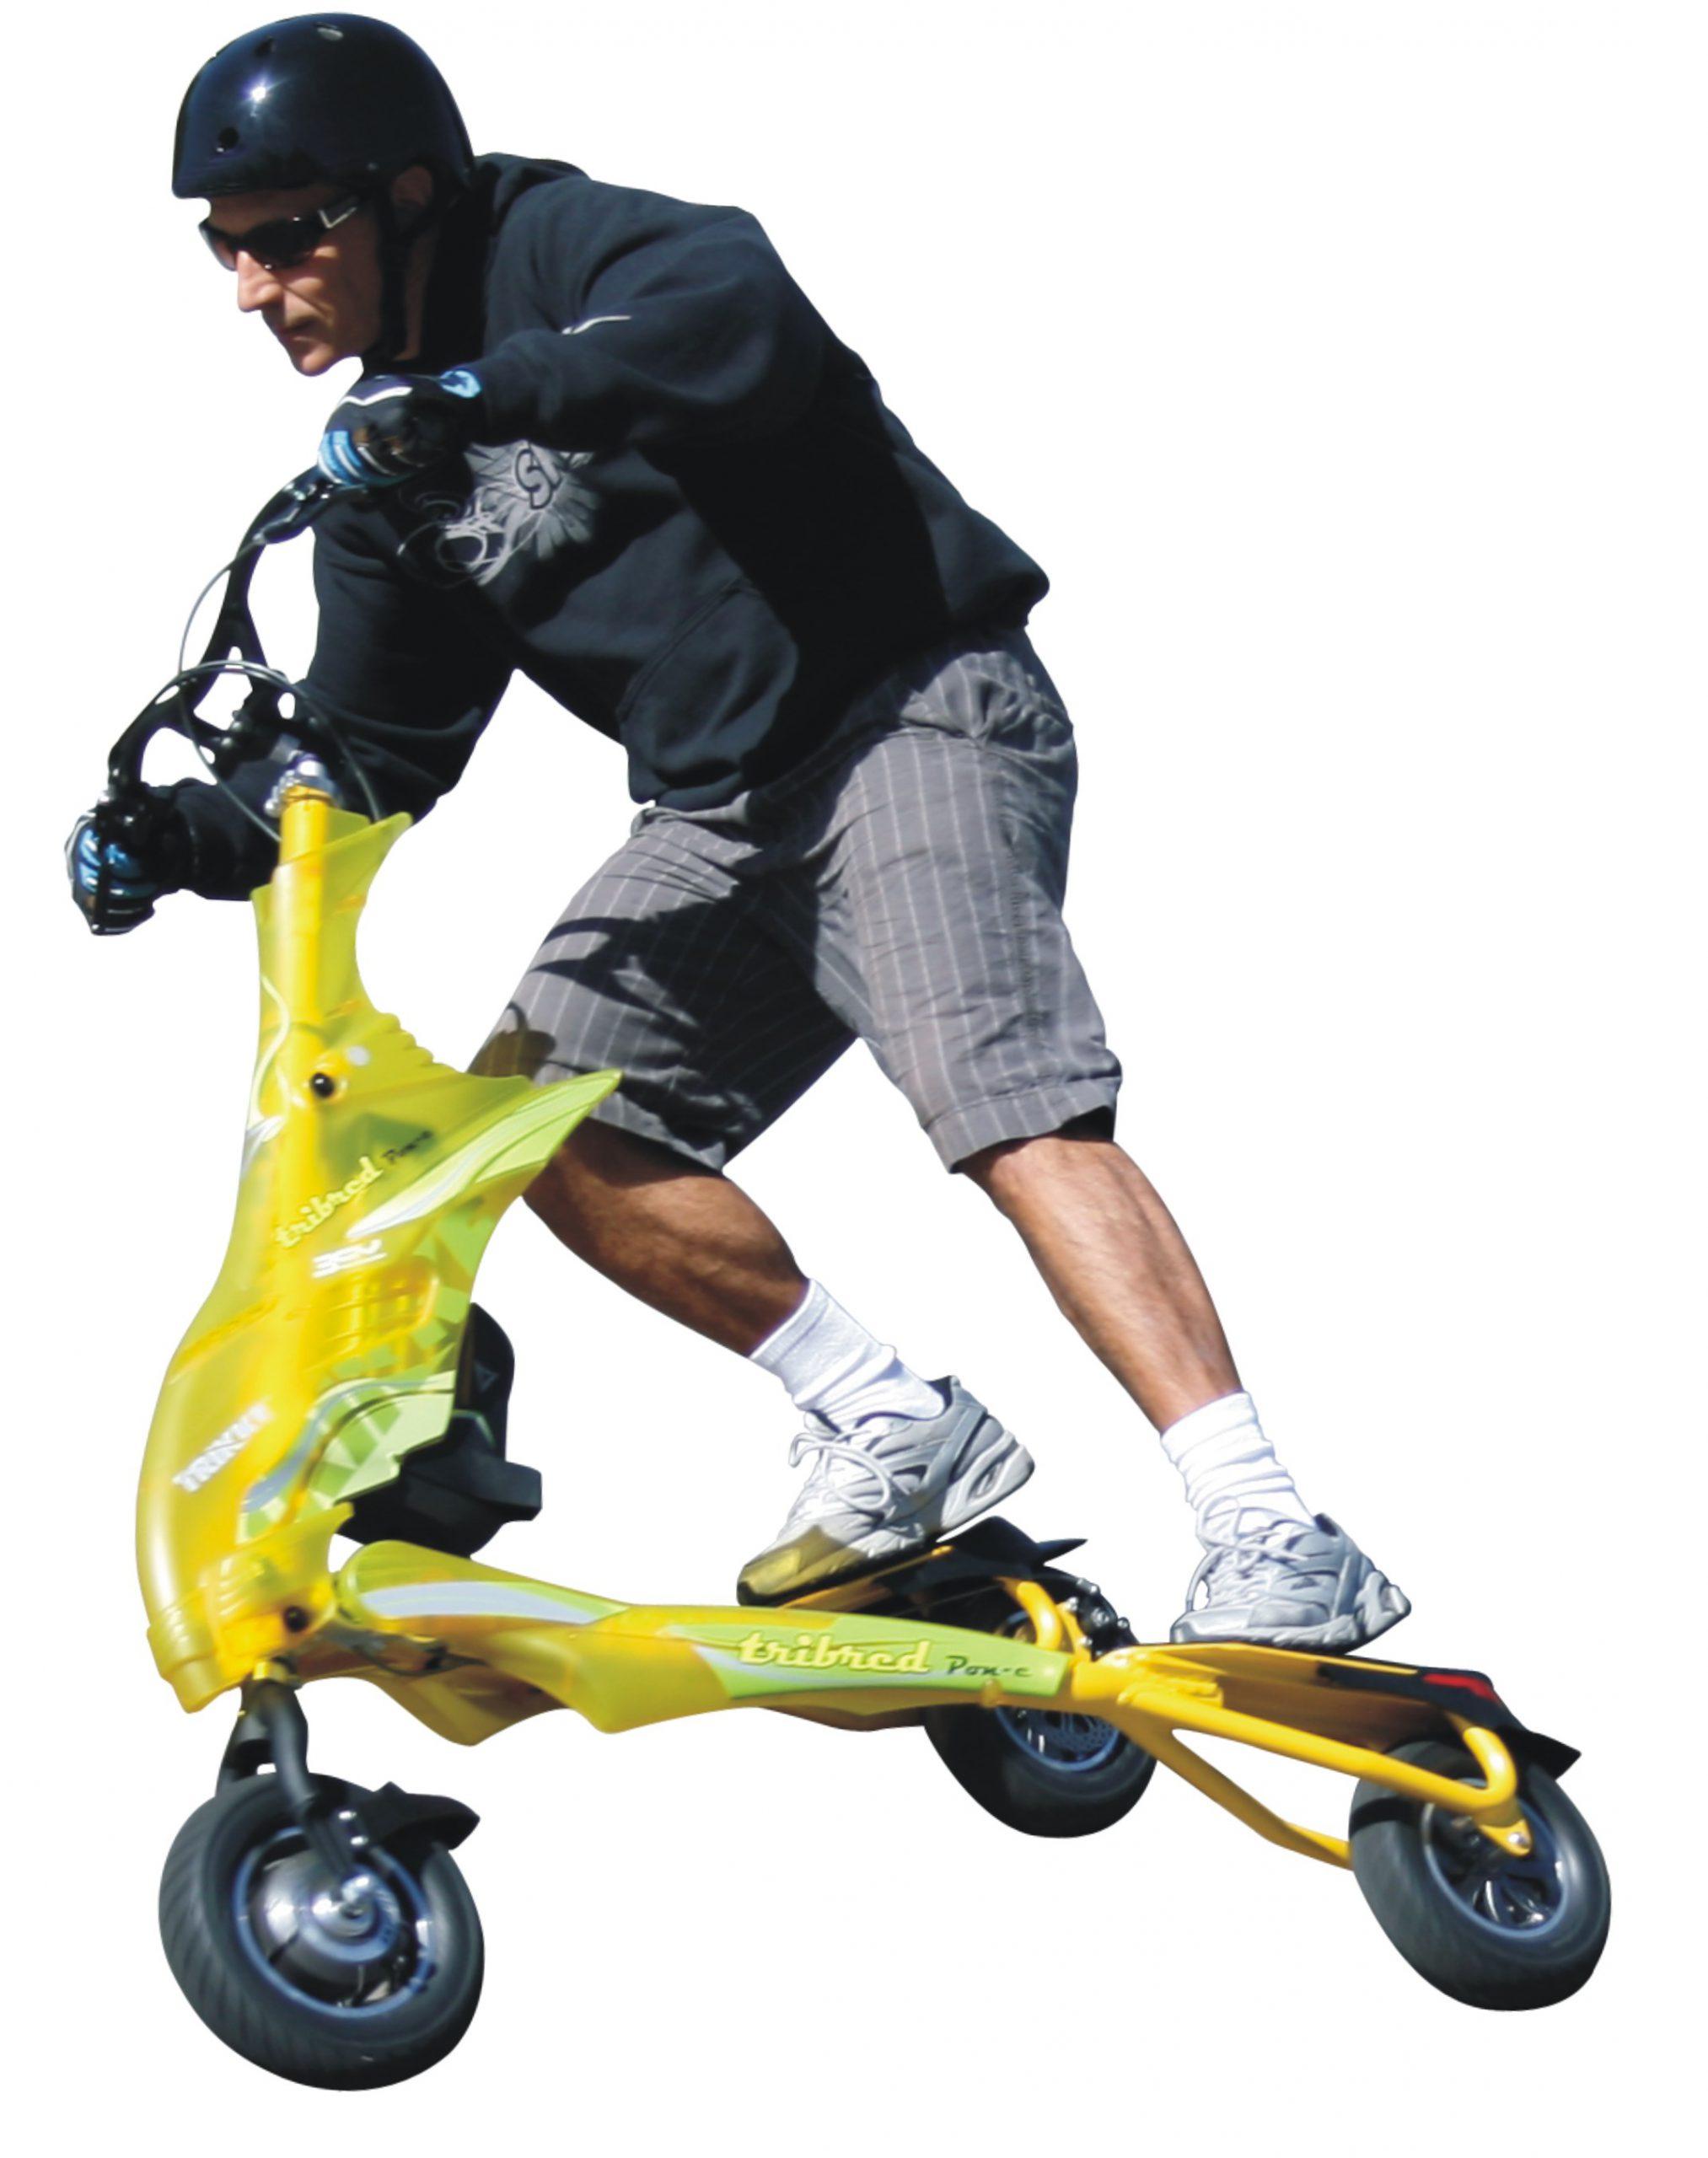 Elektryczny Trikke to zabawa, sport, komunikacja i wielka radość z jazdy!